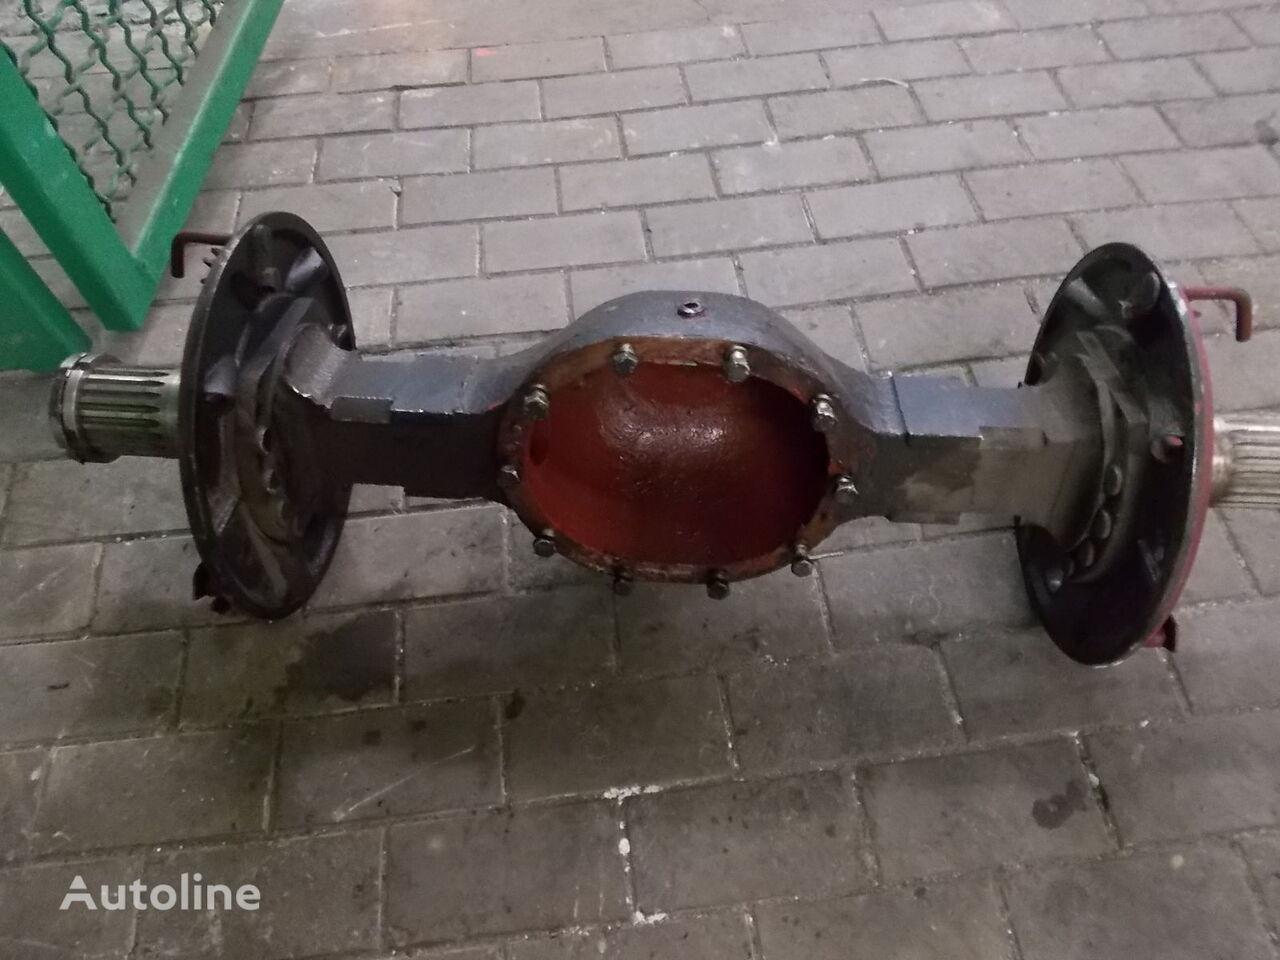 BALKANCAR Korpus balki vedushchego mosta drive axle for BALKANCAR EB 735 material handling equipment